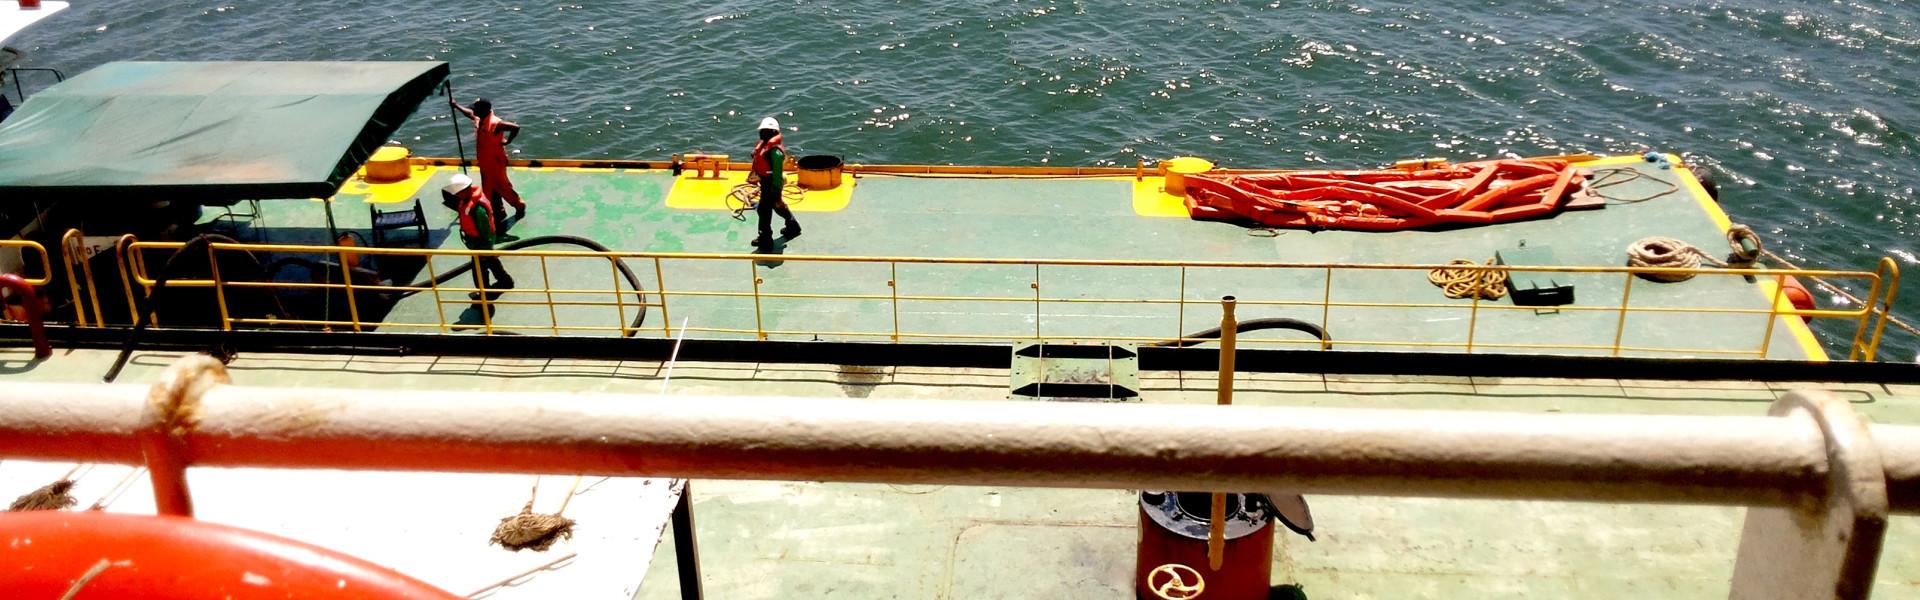 Sermaflu Servicios Marítimos Fluviales del Caribe